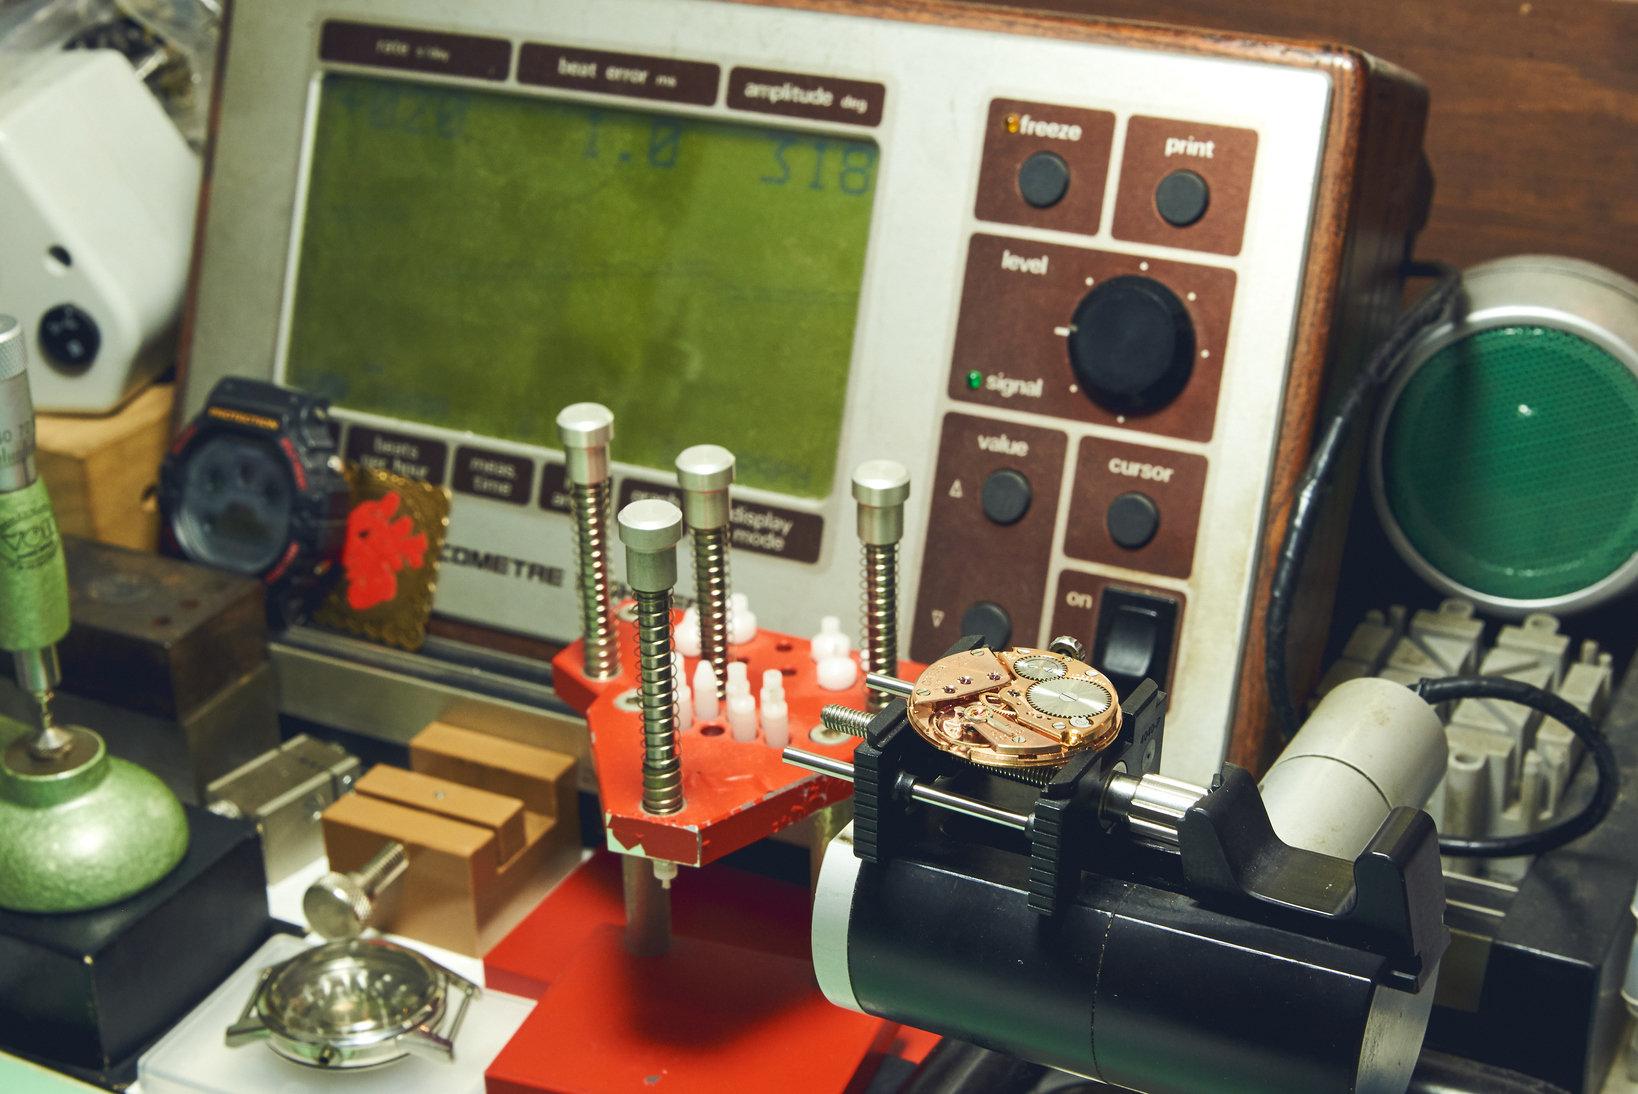 精度を計測する「ウィッチ」というテスター。各姿勢差を計測することで、コンディションを確認することができる。